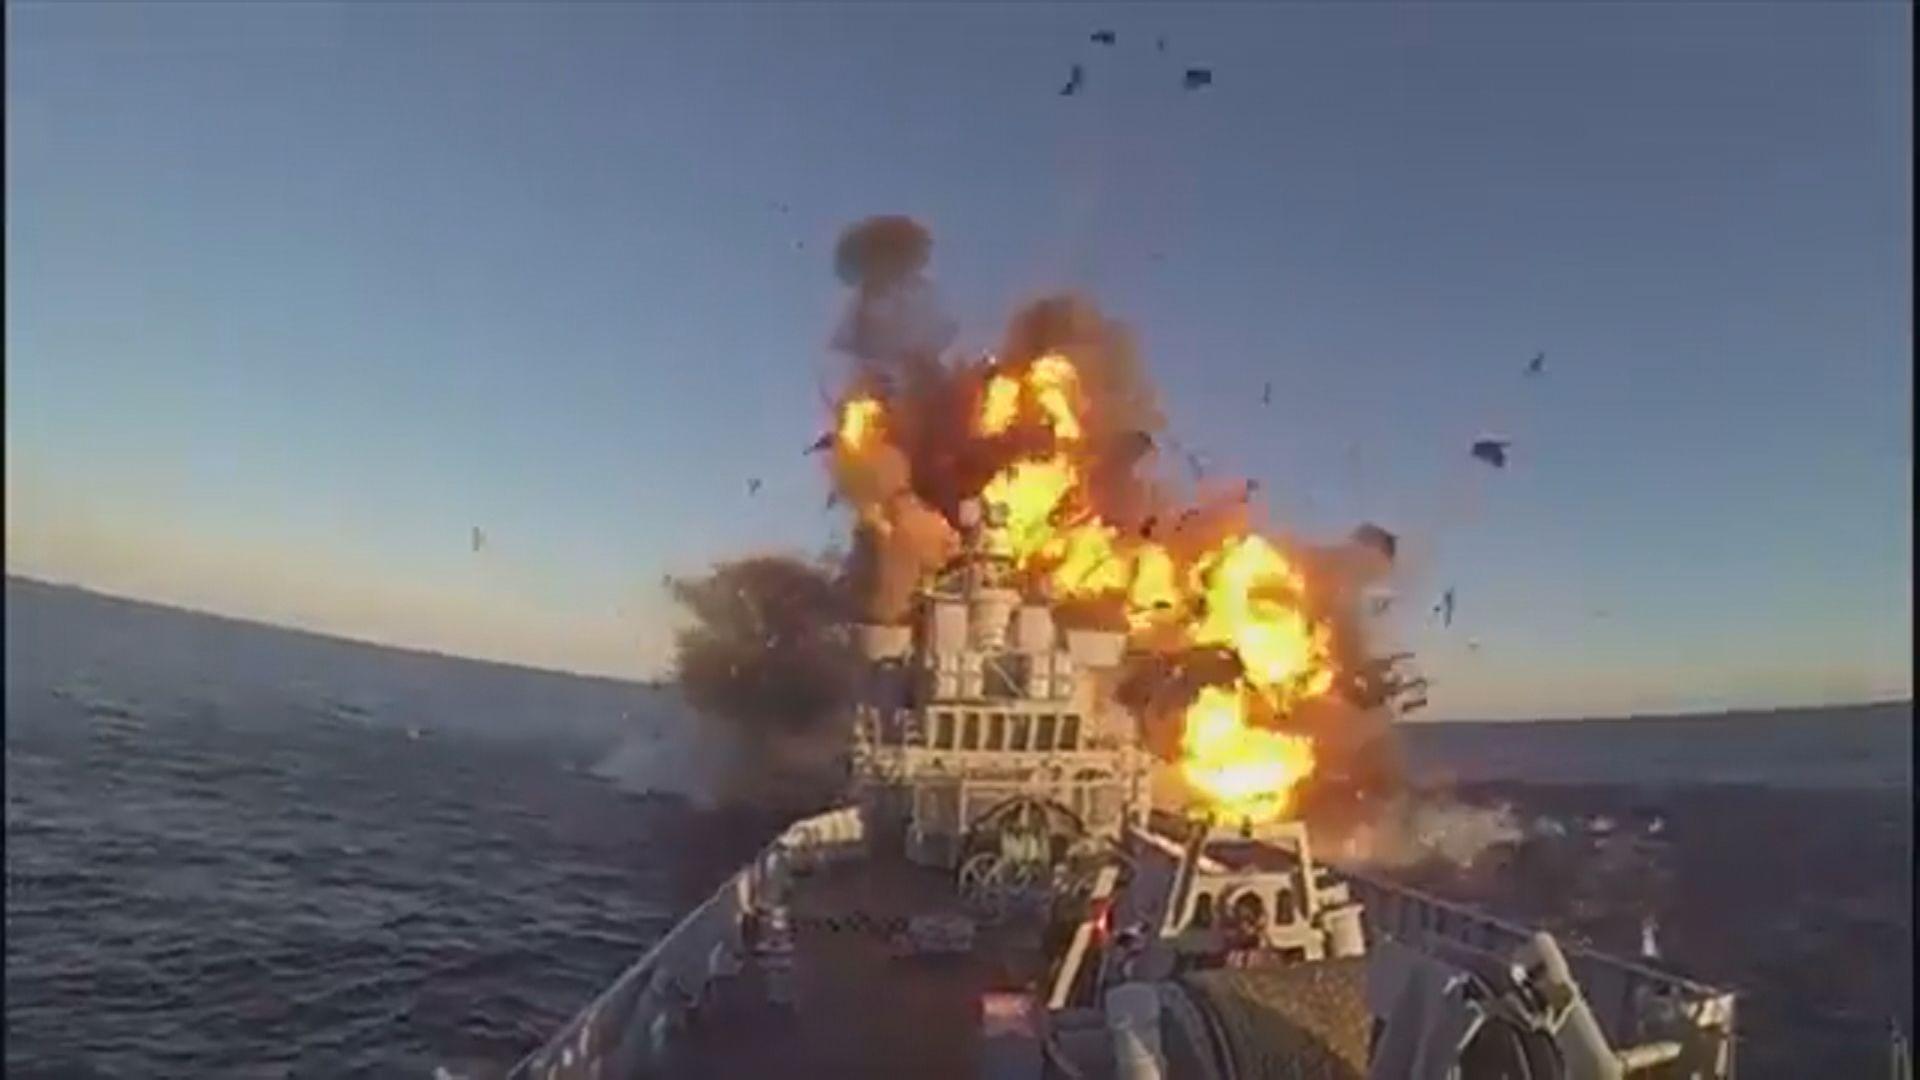 伊朗發射導彈錯誤擊中補給艦片段曝光